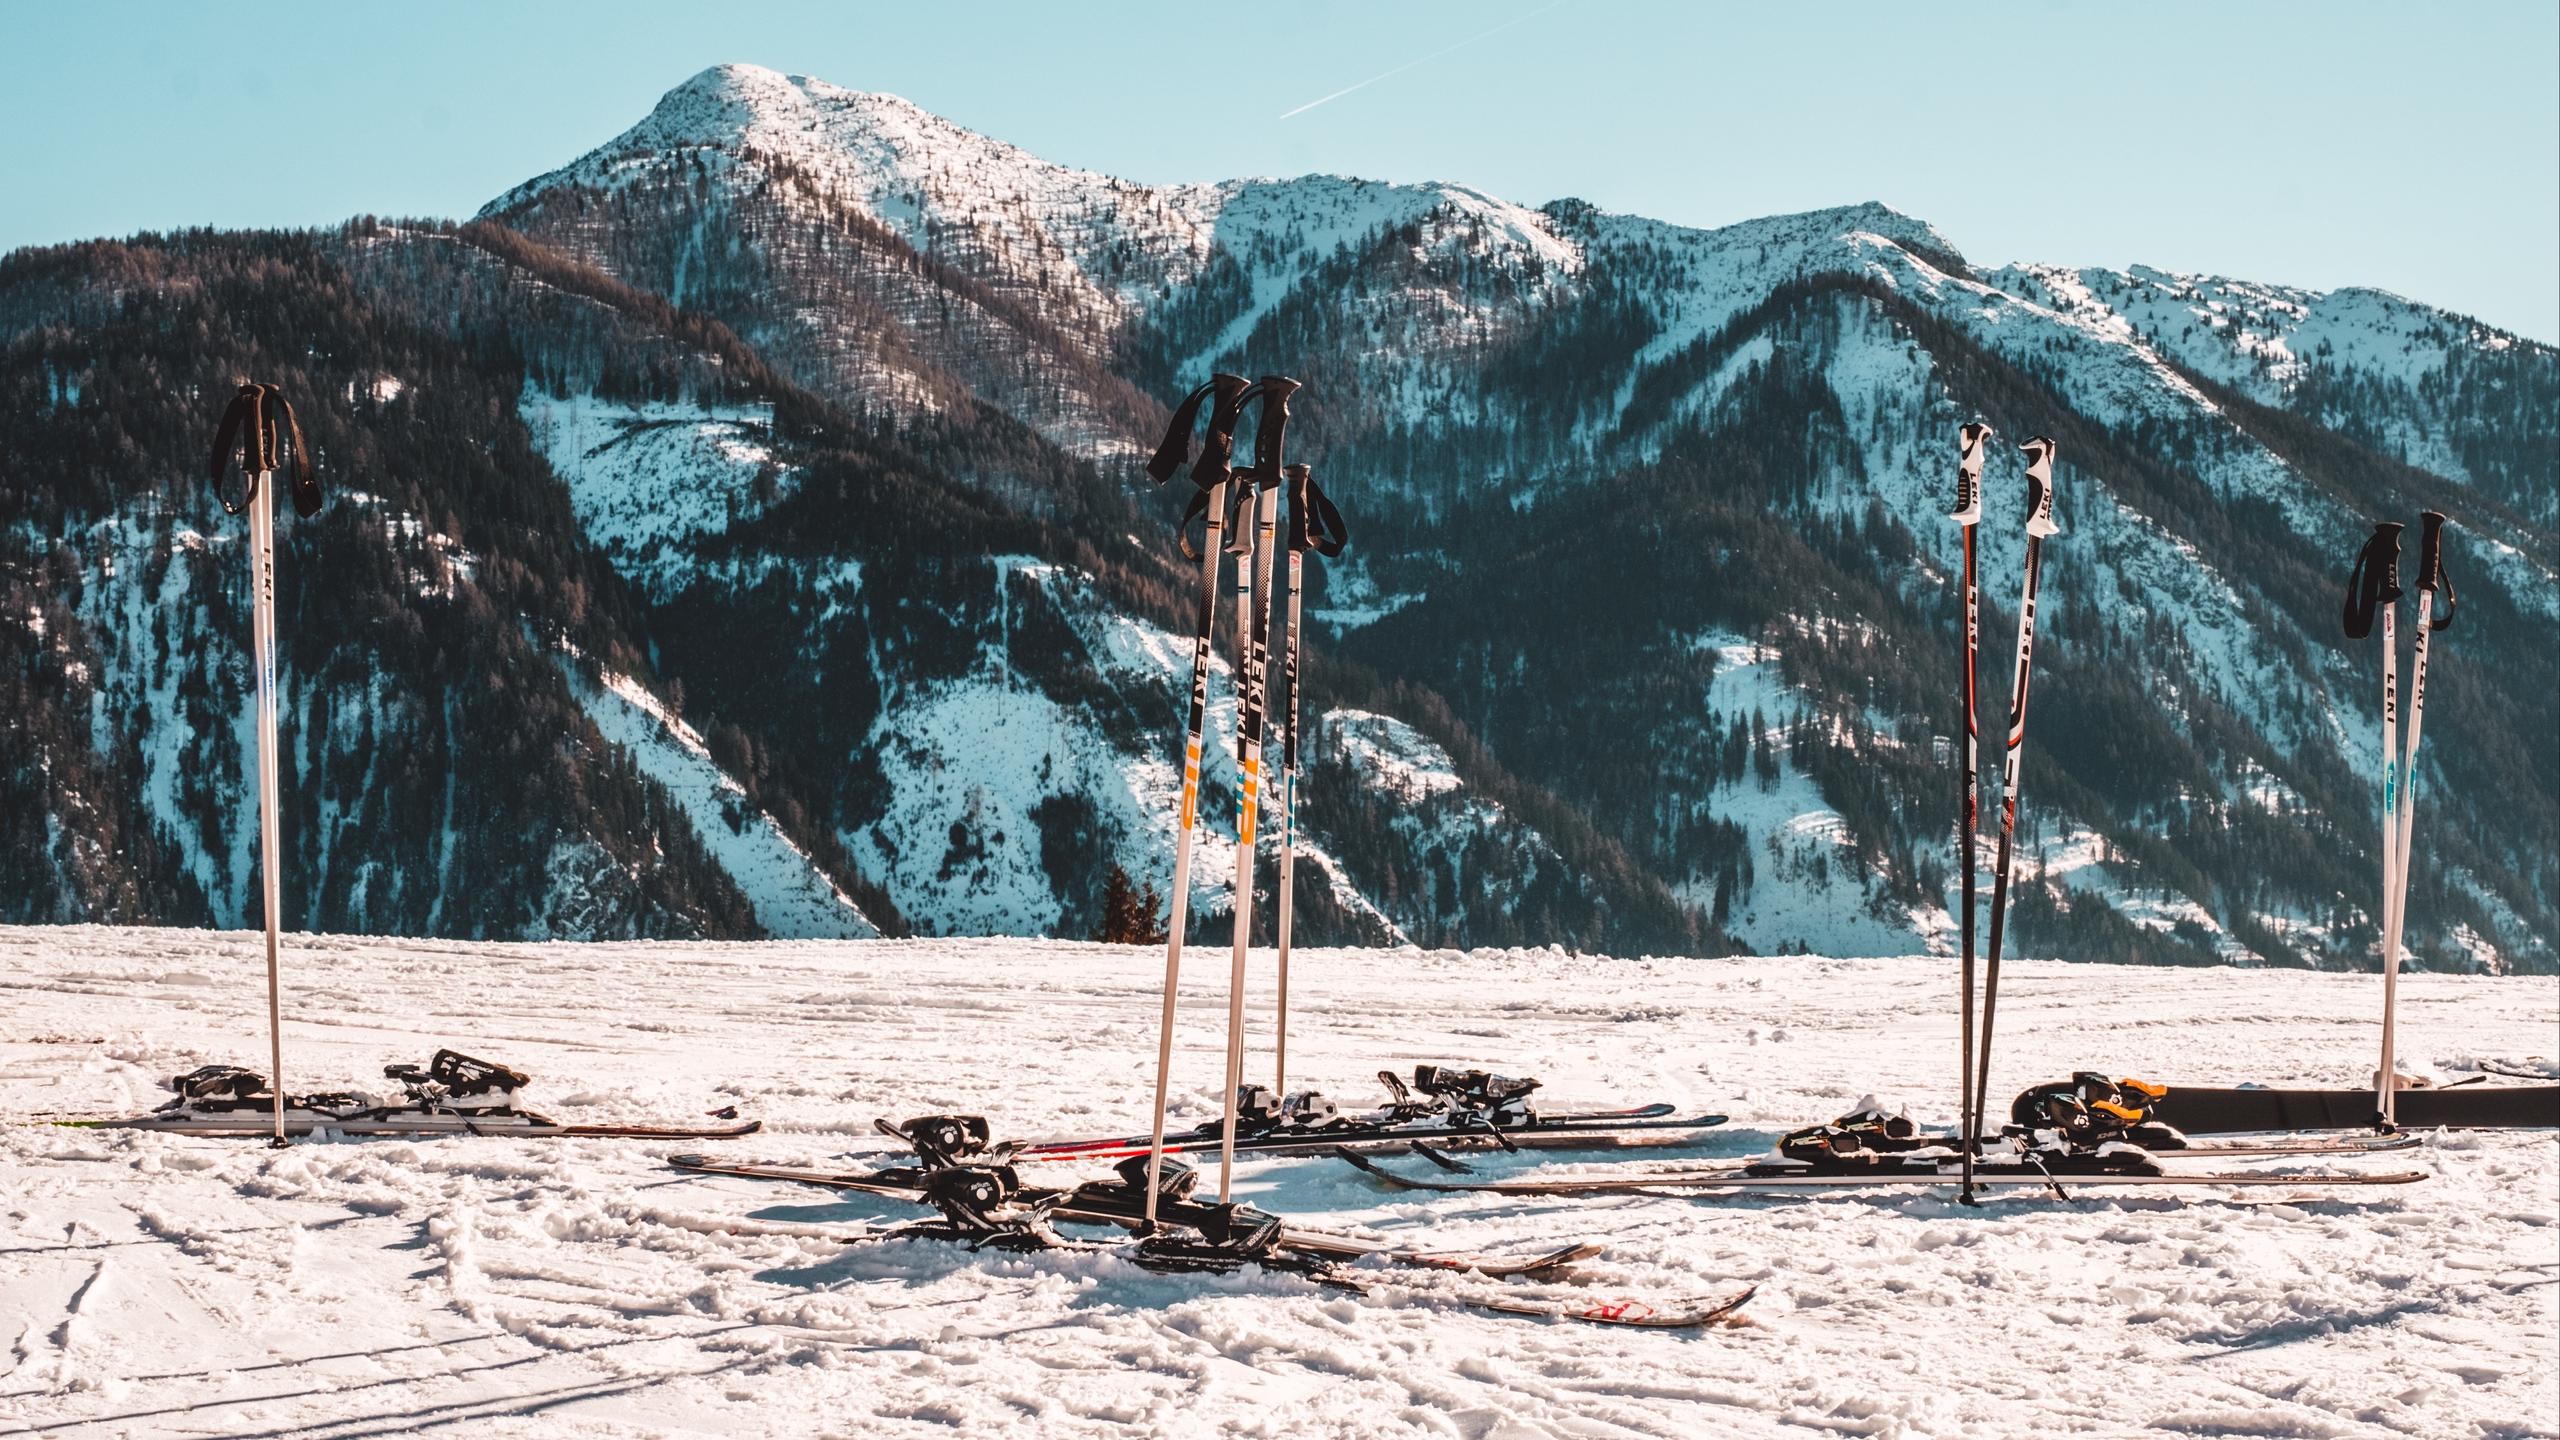 skiing_mountain_snow_winter_113994_2560x1440